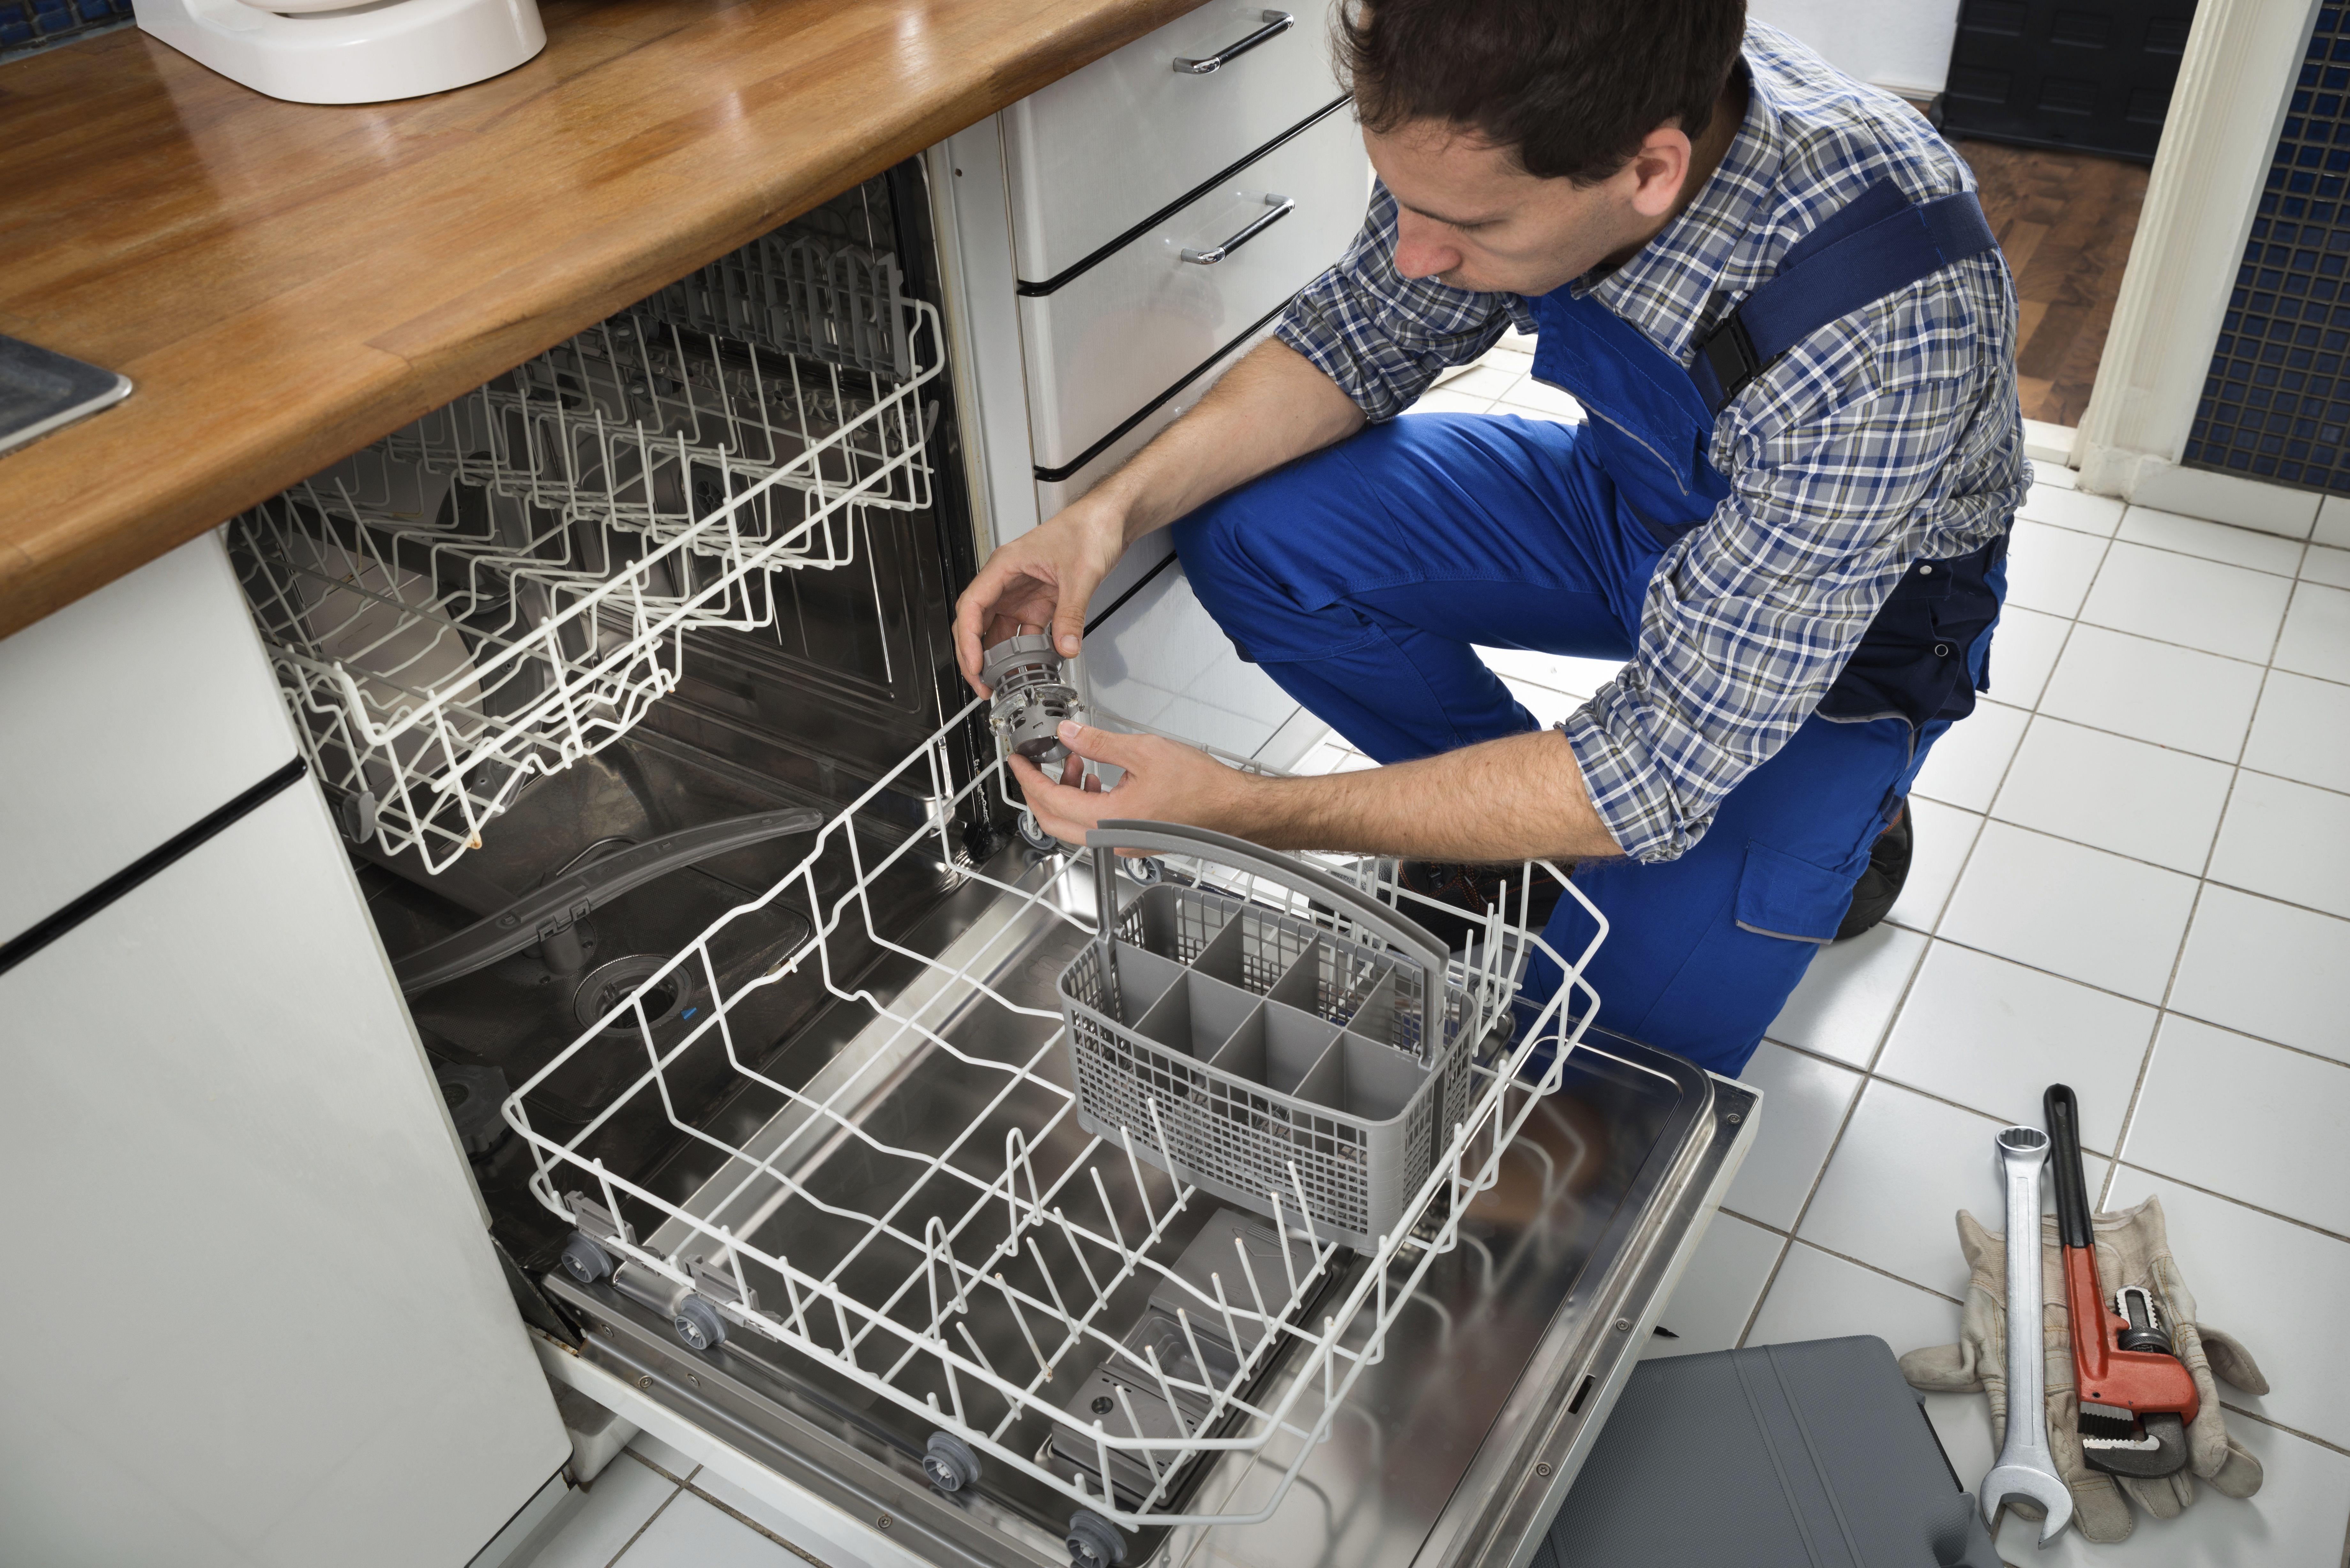 Reparación de electrodomésticos: Servicios de Electricidad Varela